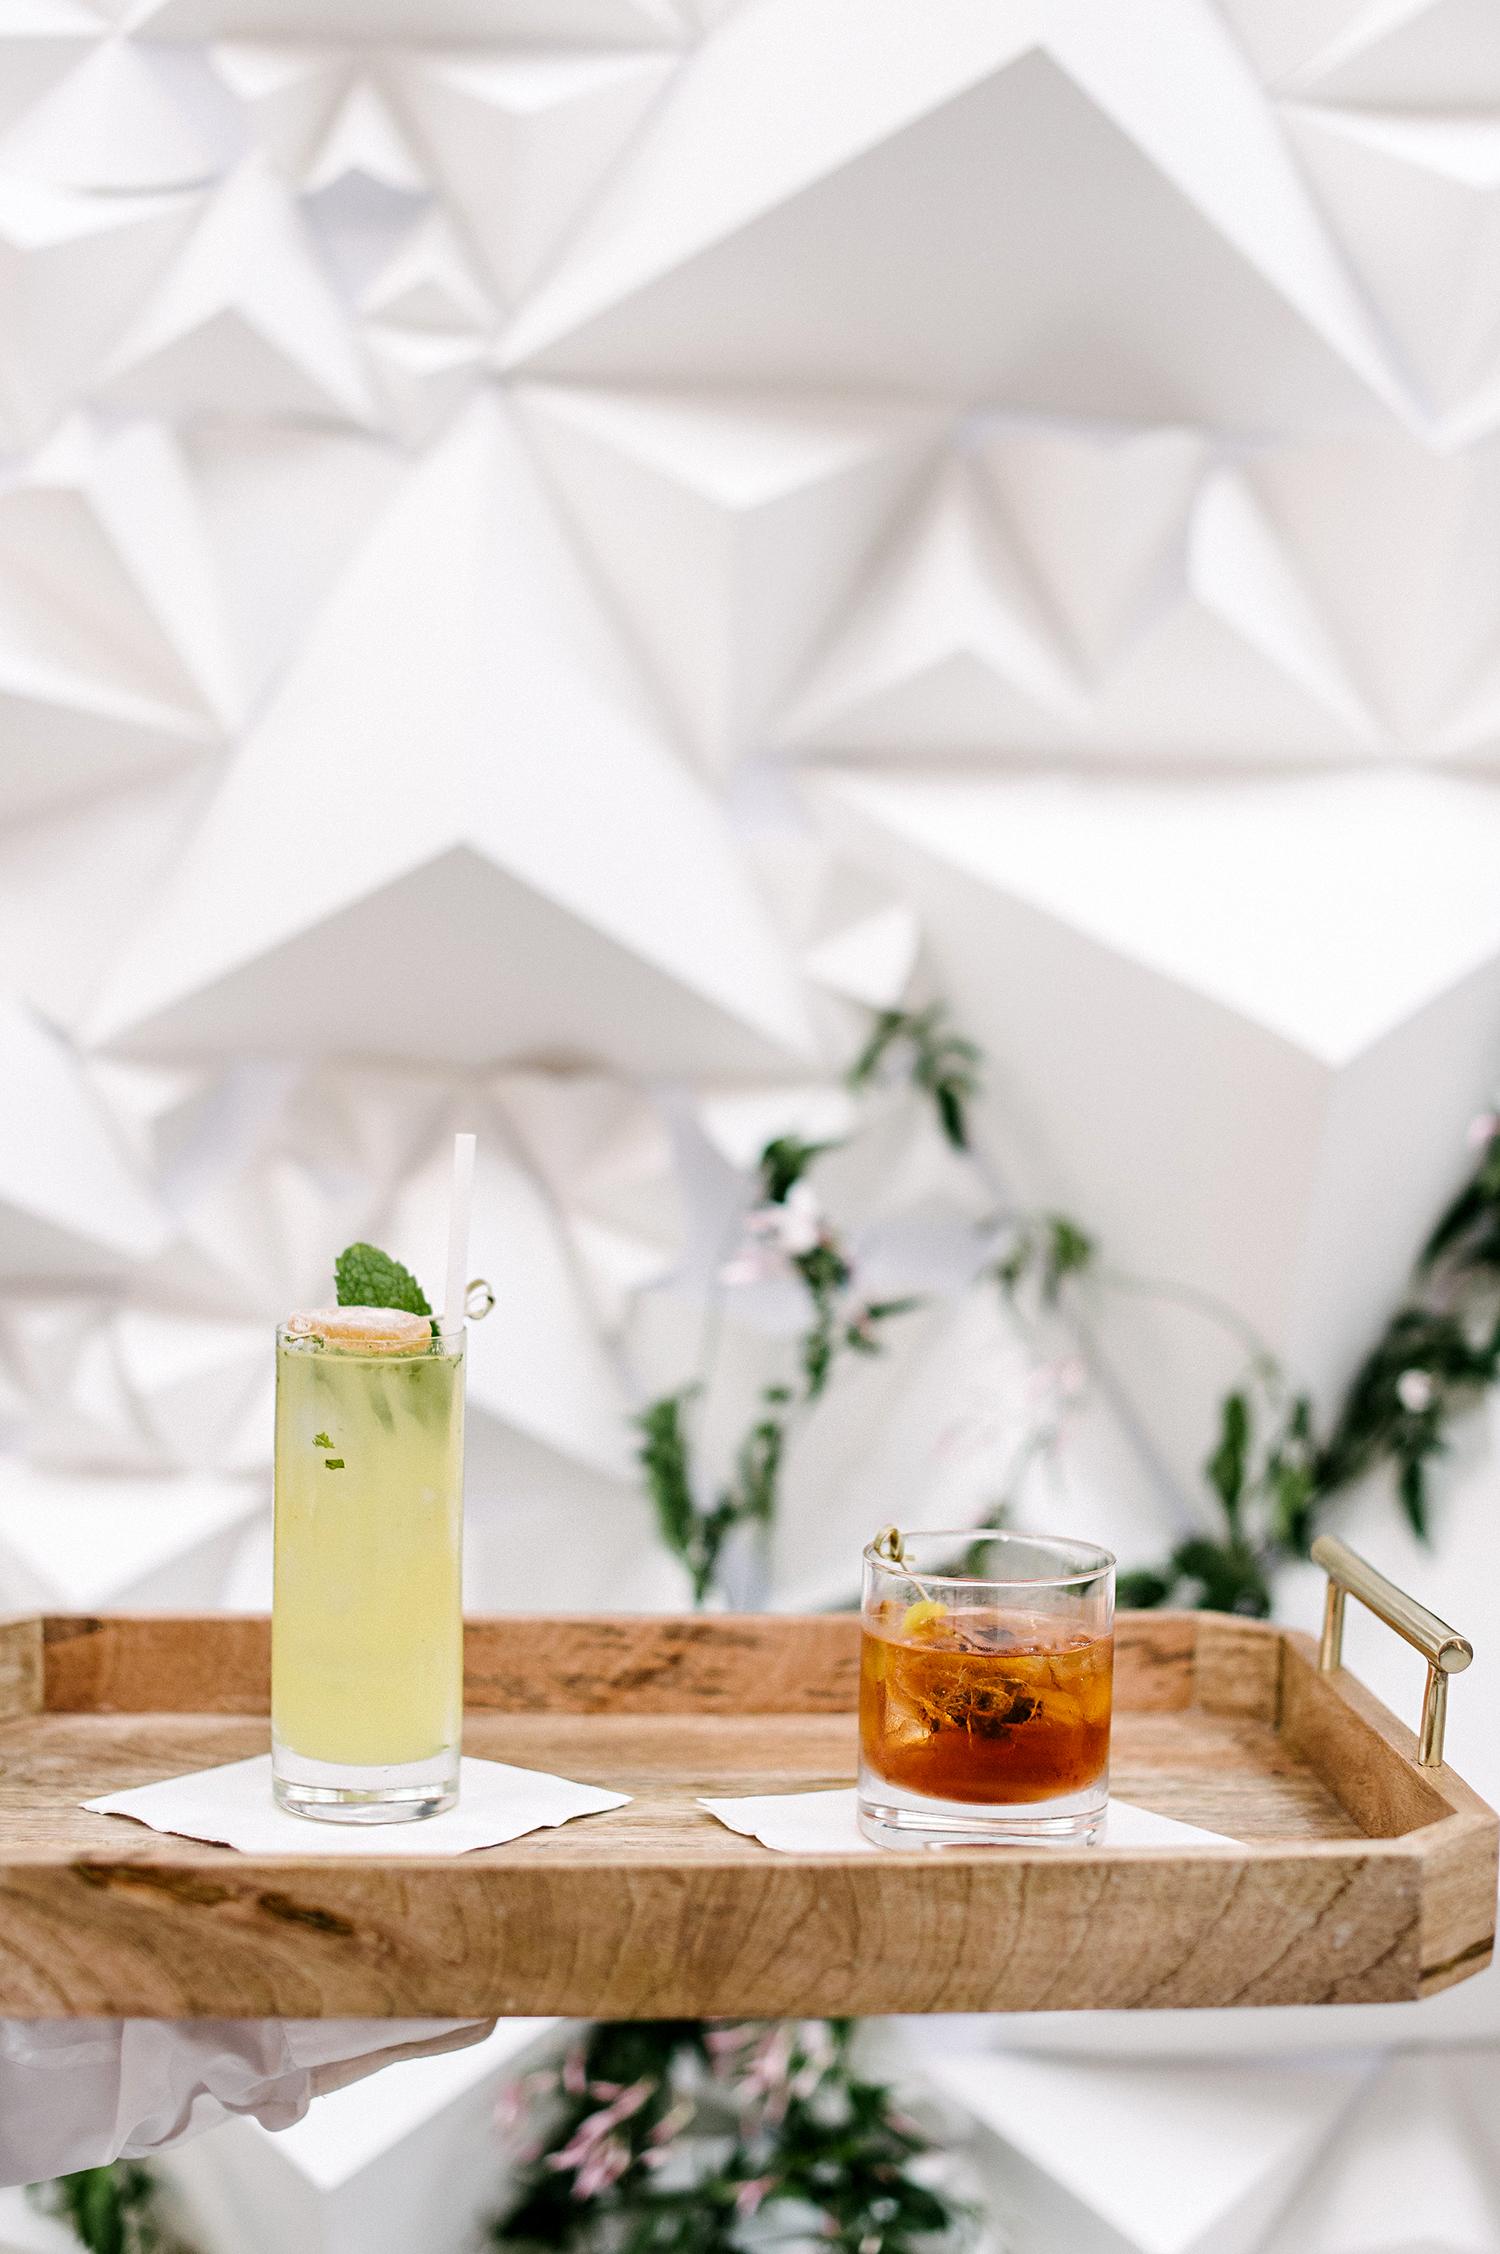 stephanie tim wedding cocktails on tray